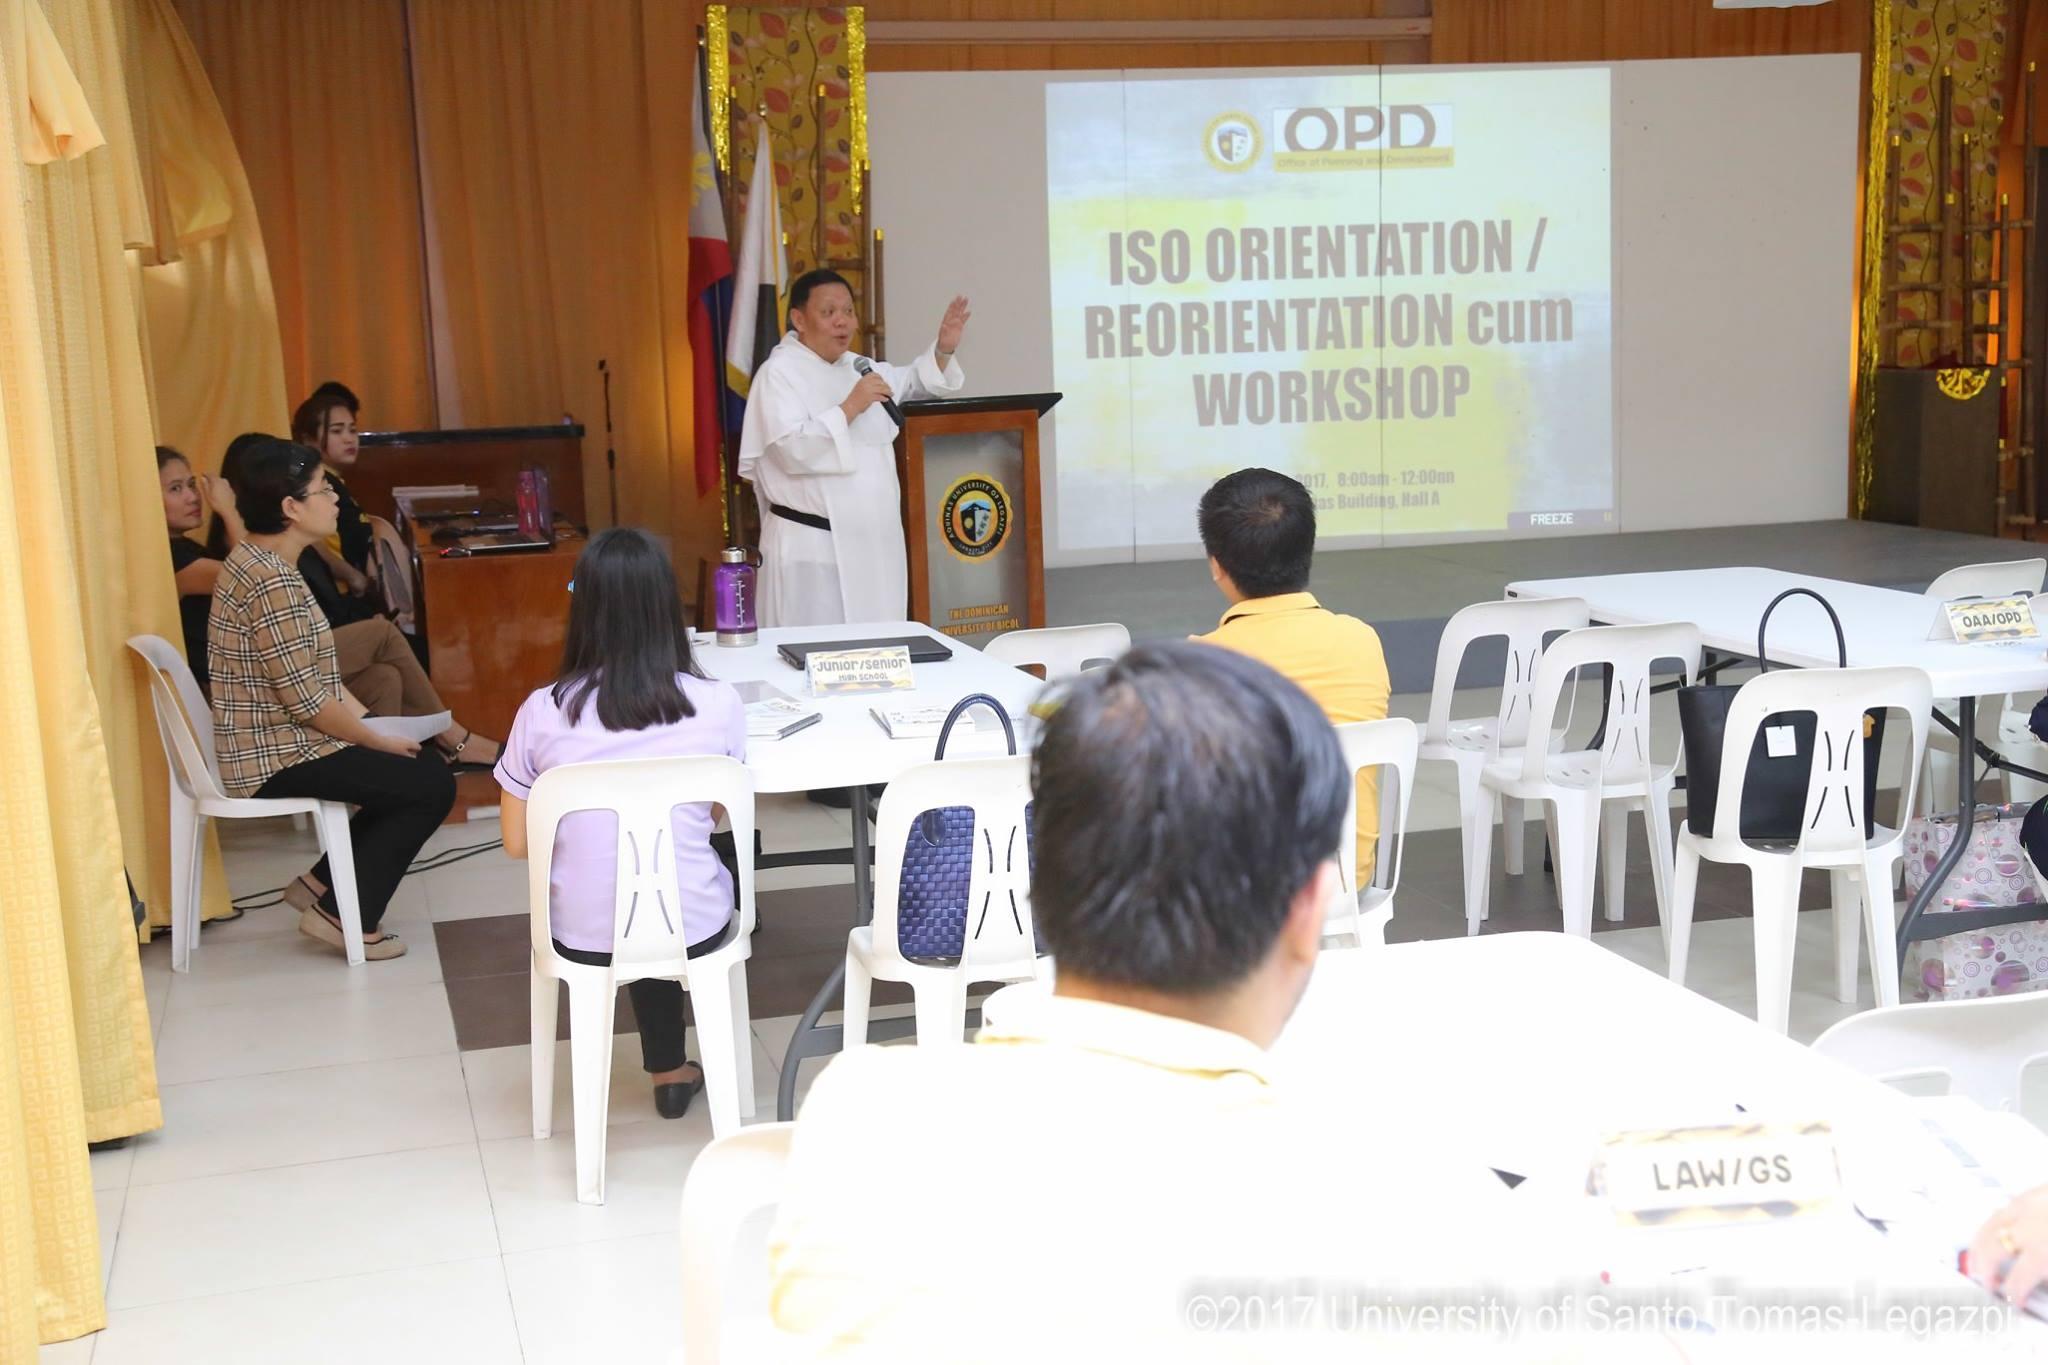 ISO Orientation/Reorientation cum Workshop